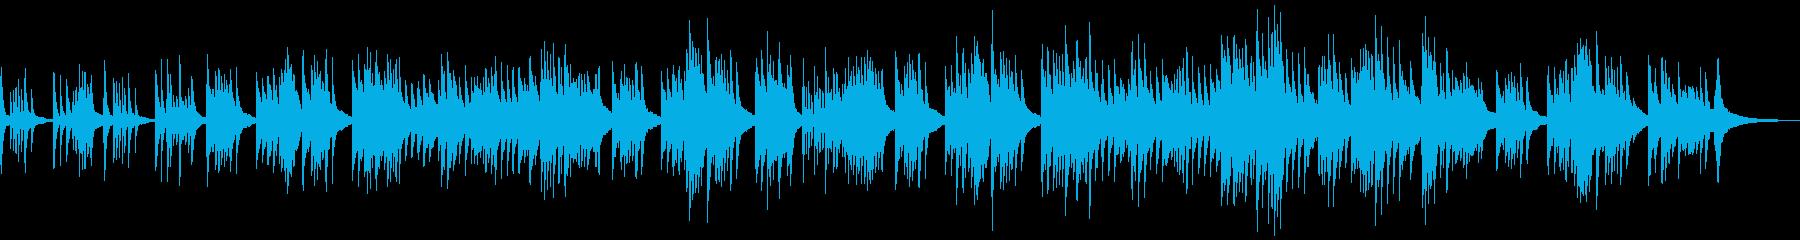 穏やかなピアノソロ 青空 癒しの再生済みの波形